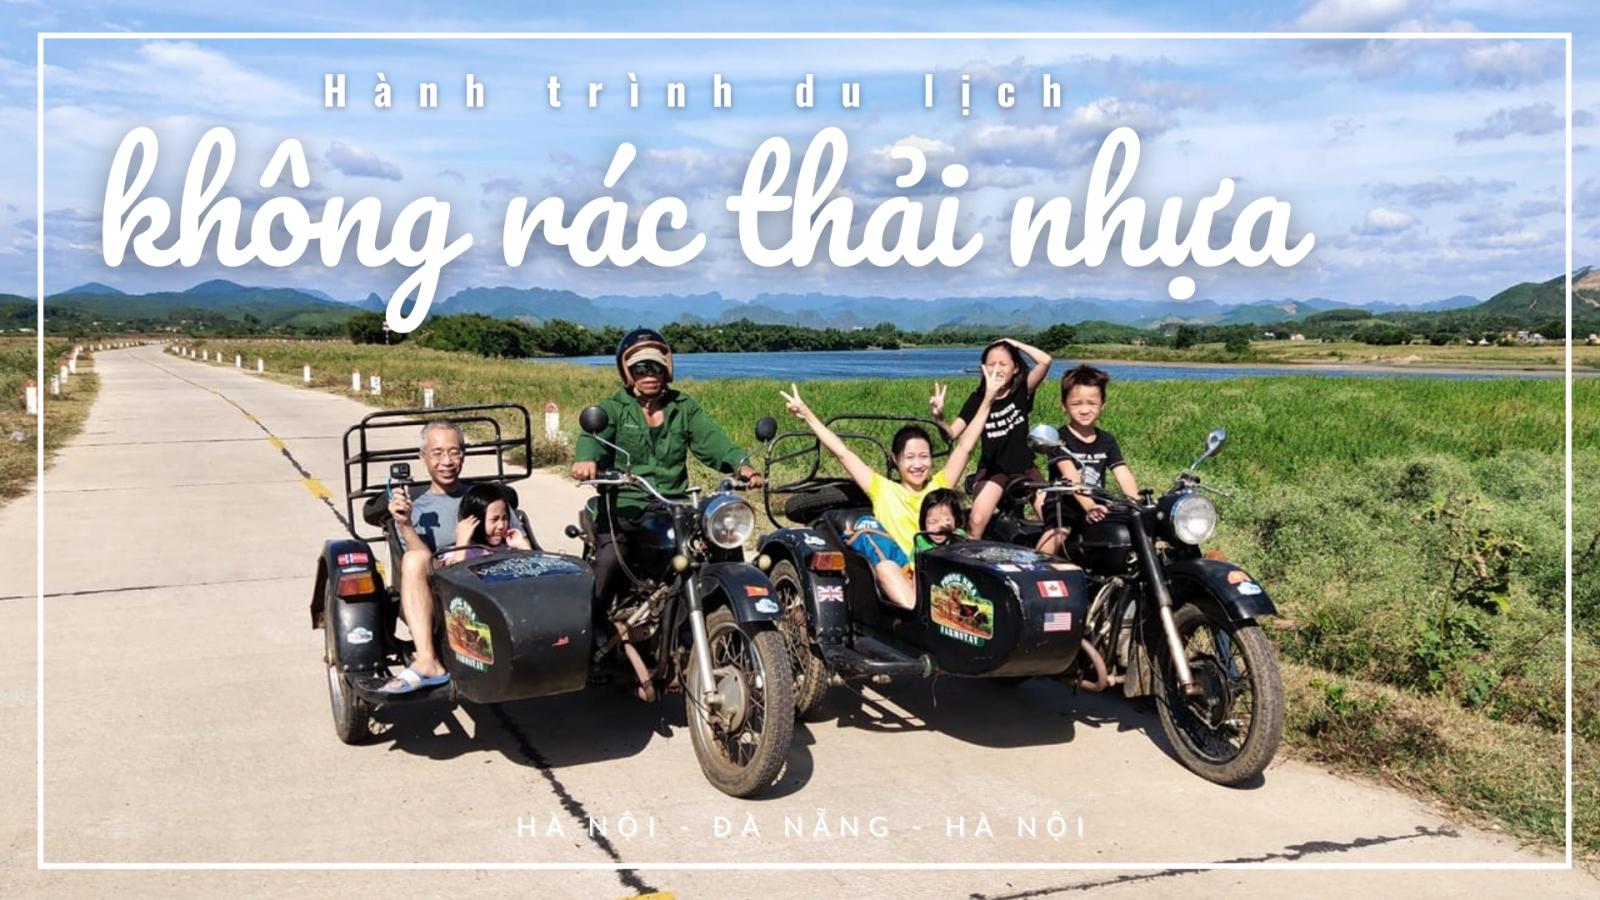 """Hành trình """"khó tin"""": 10 ngày du lịch không rác thải nhựa của gia đình Hà Nội"""